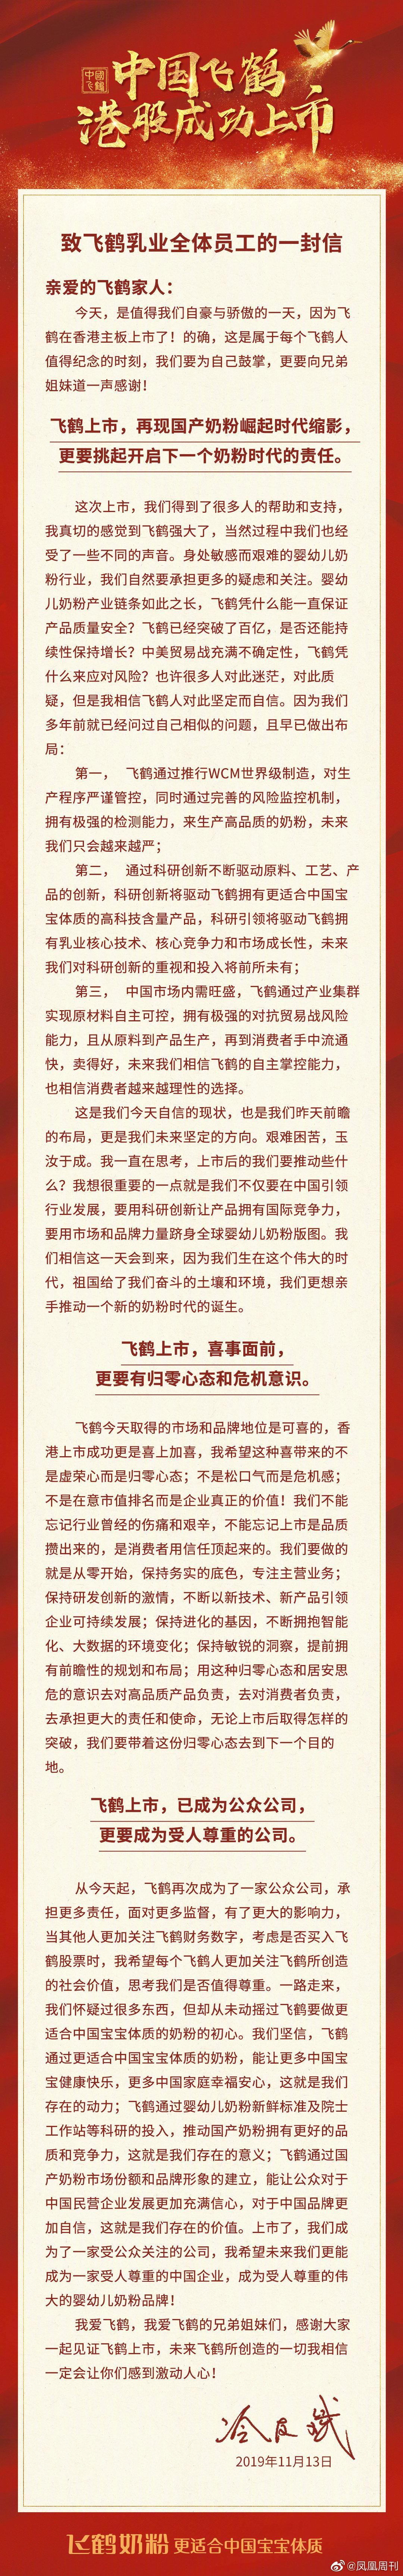 """飞鹤董事长冷友斌:""""祖国给了我们奋斗的土壤和环境"""